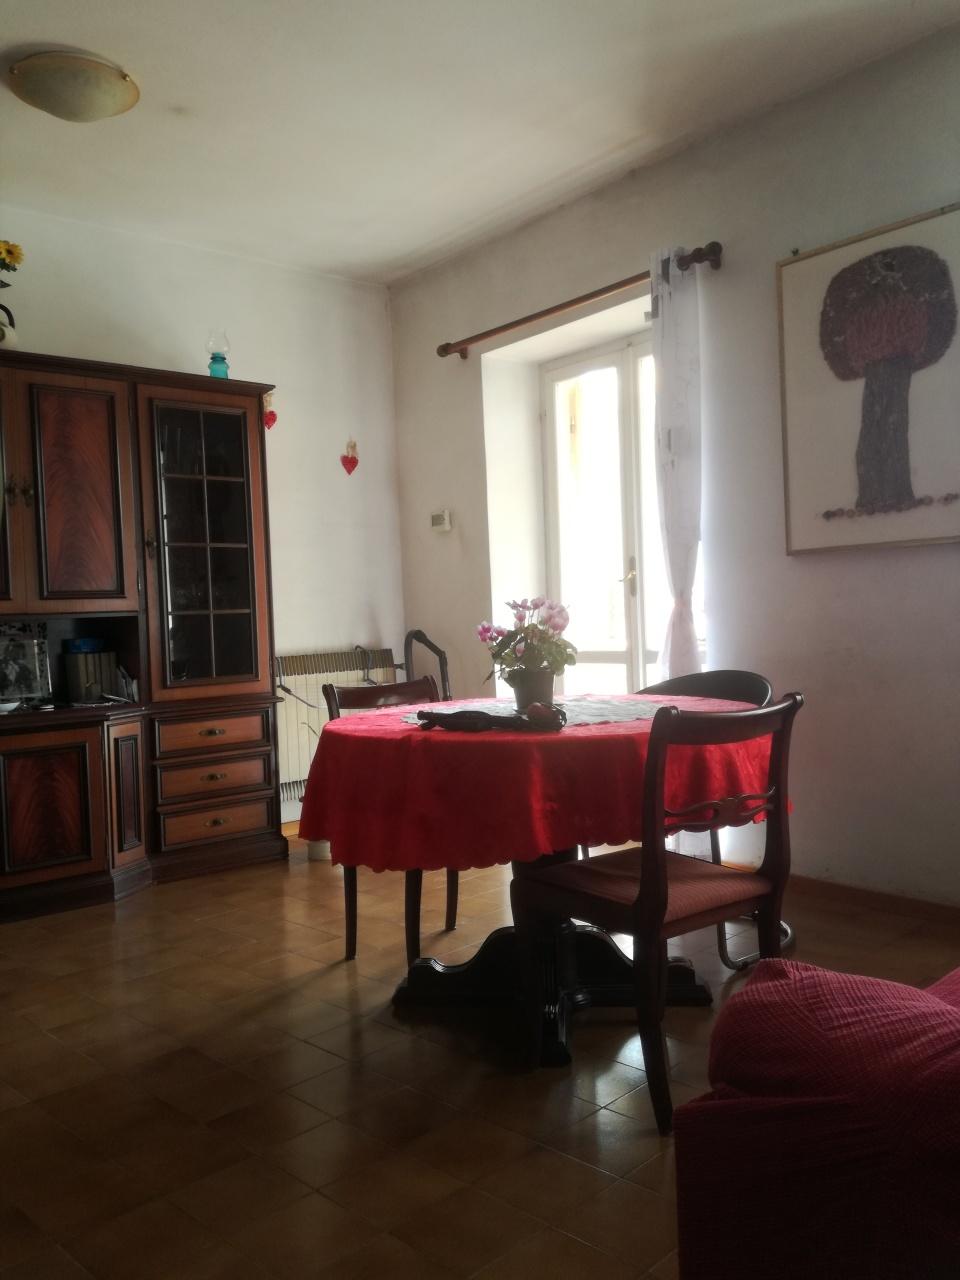 Appartamento - Appartamento a Carrara Periferia , Carrara